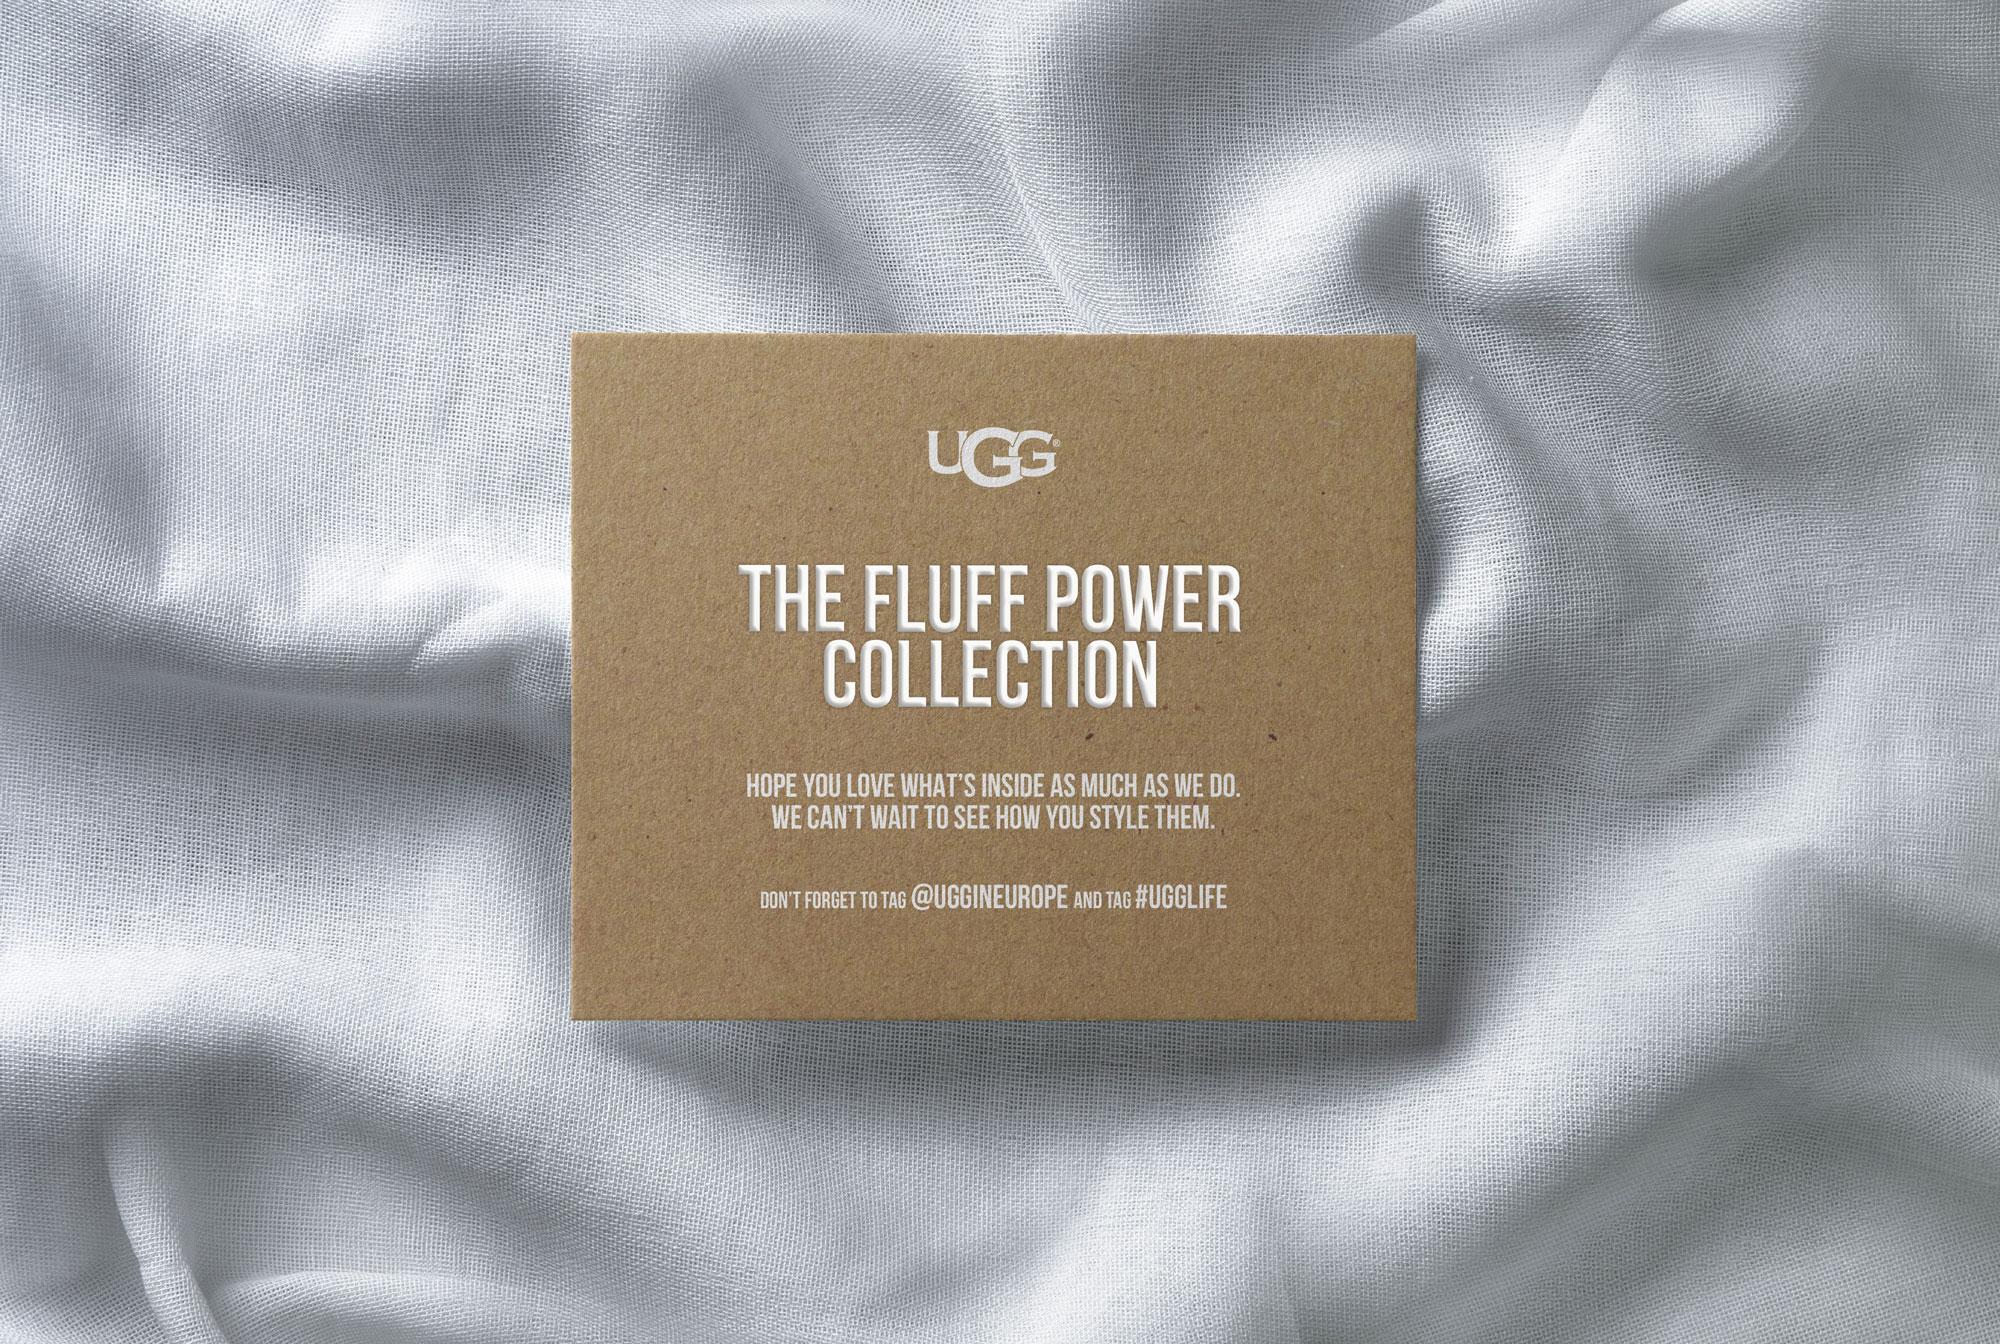 UGG_Packaging-Design_Influencer-Mailer-2